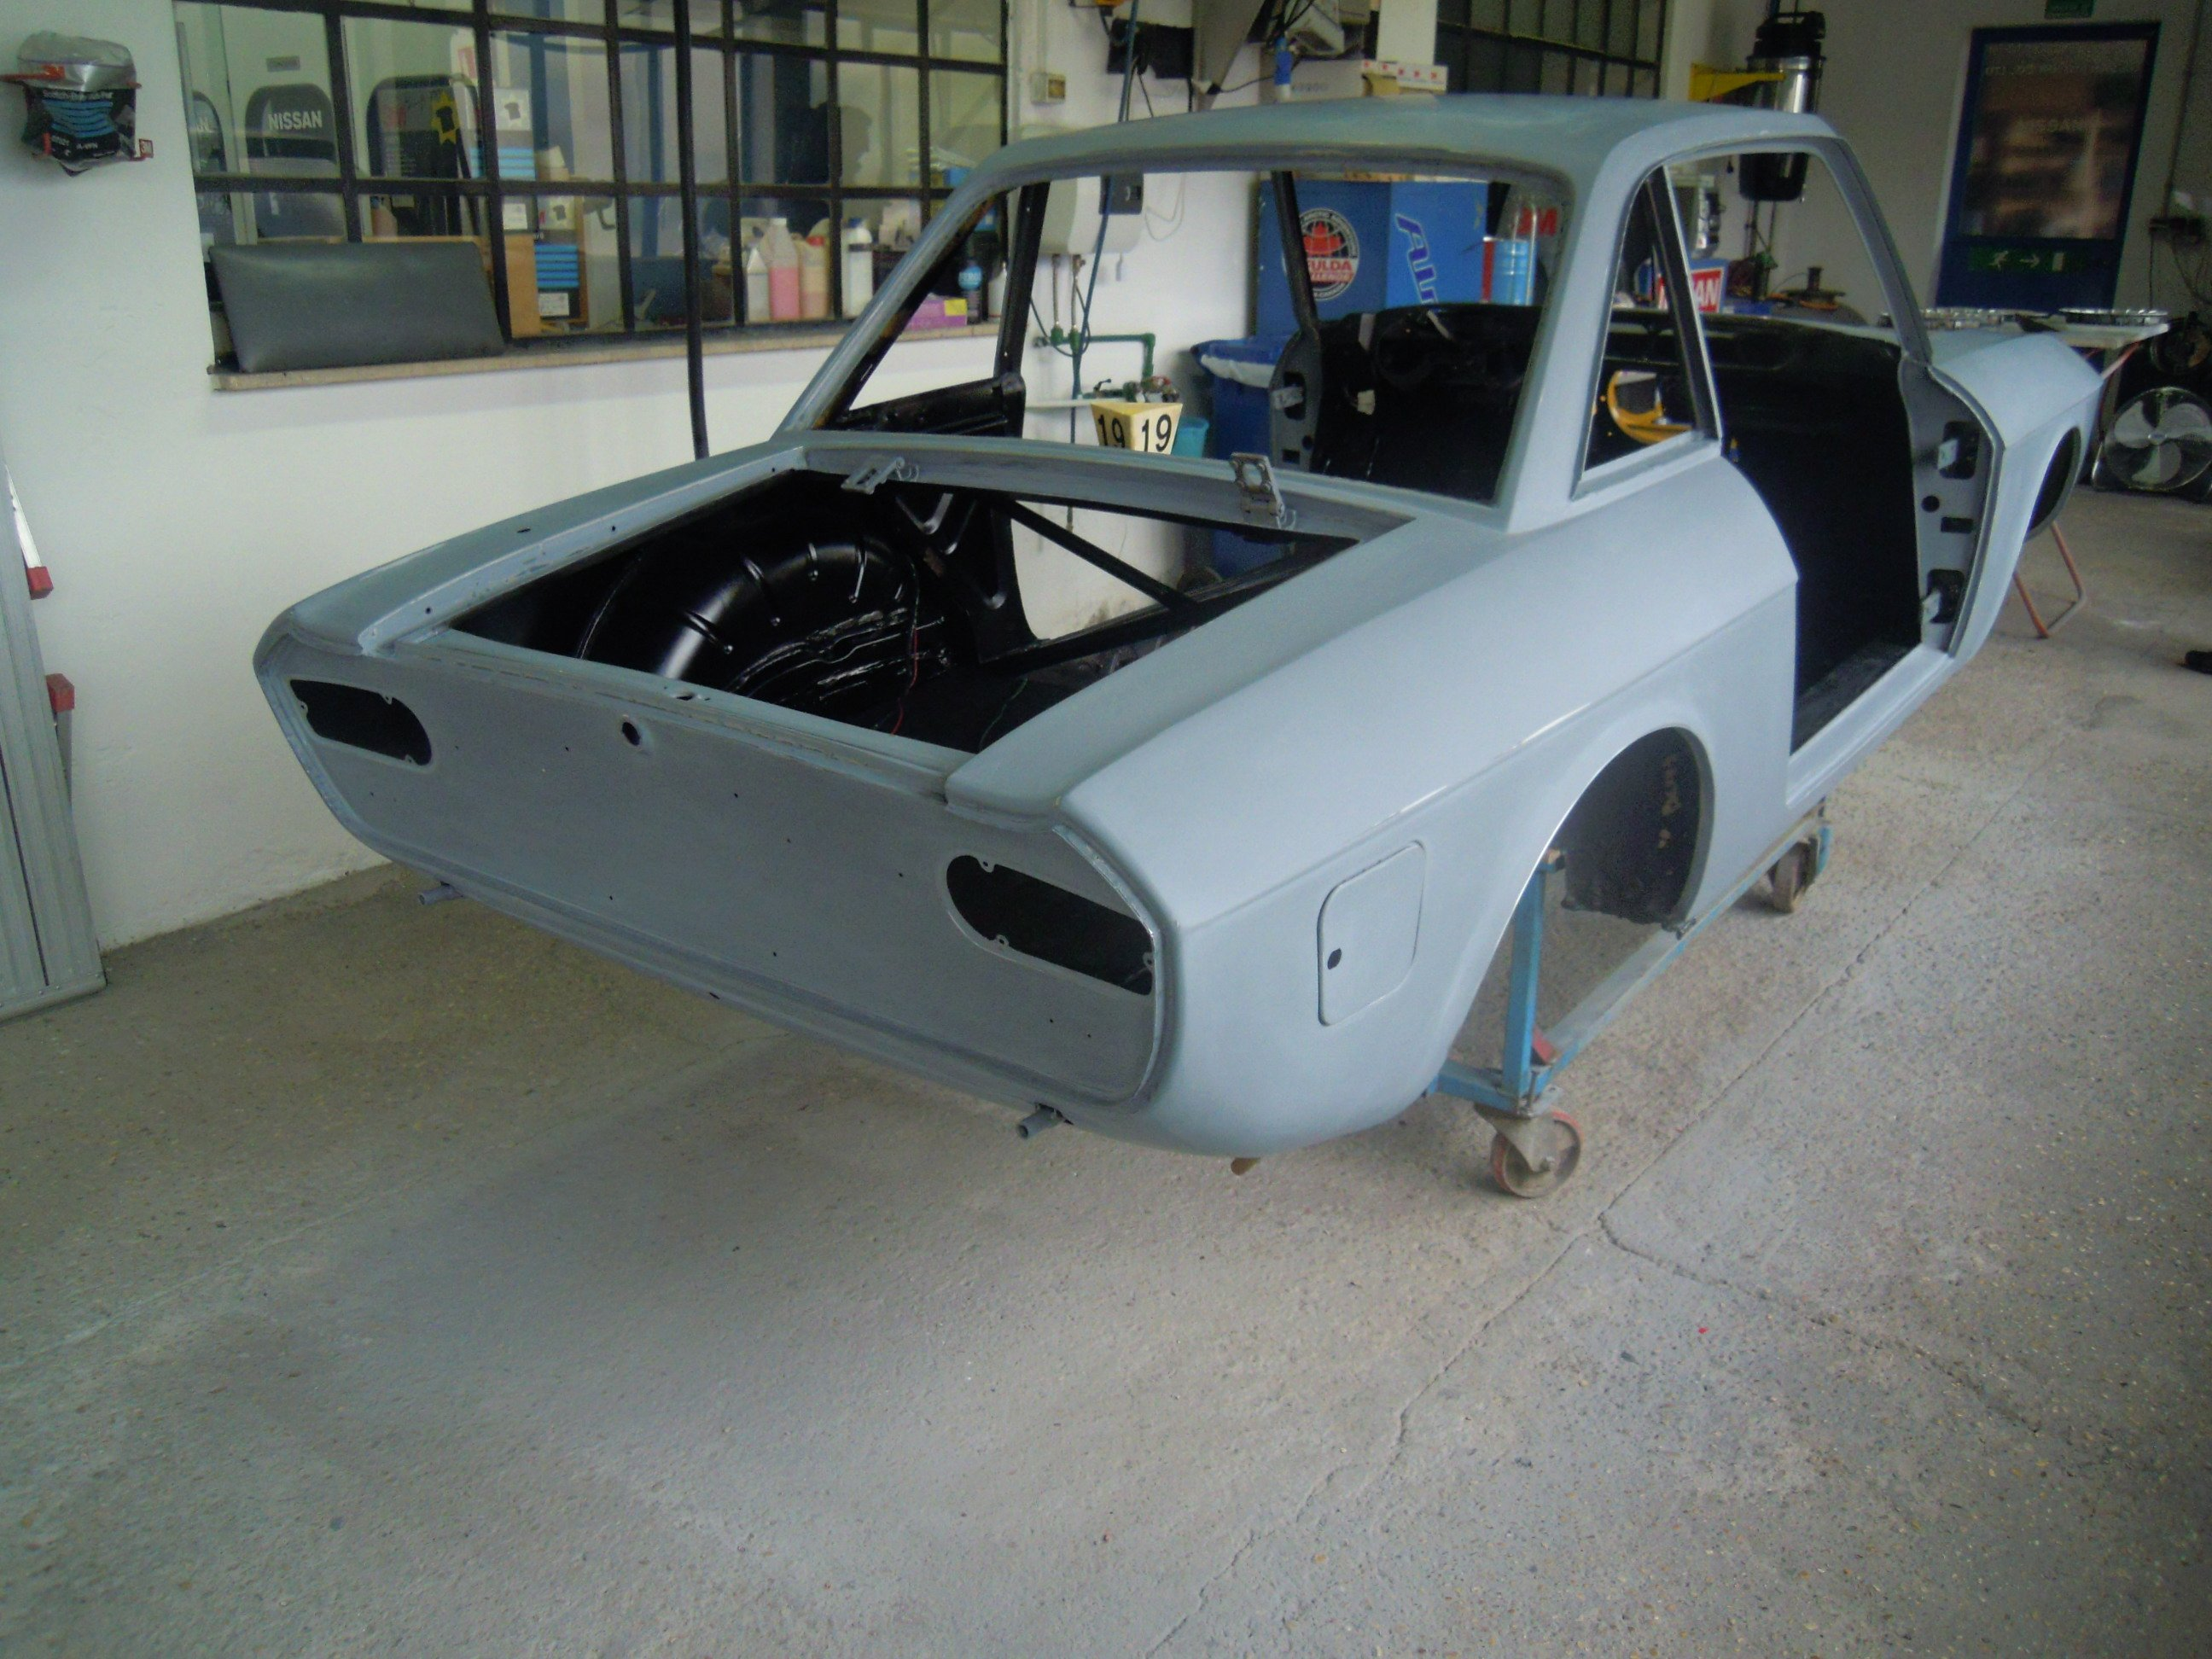 auto d'epoca in fase di verniciatura vista da dietro